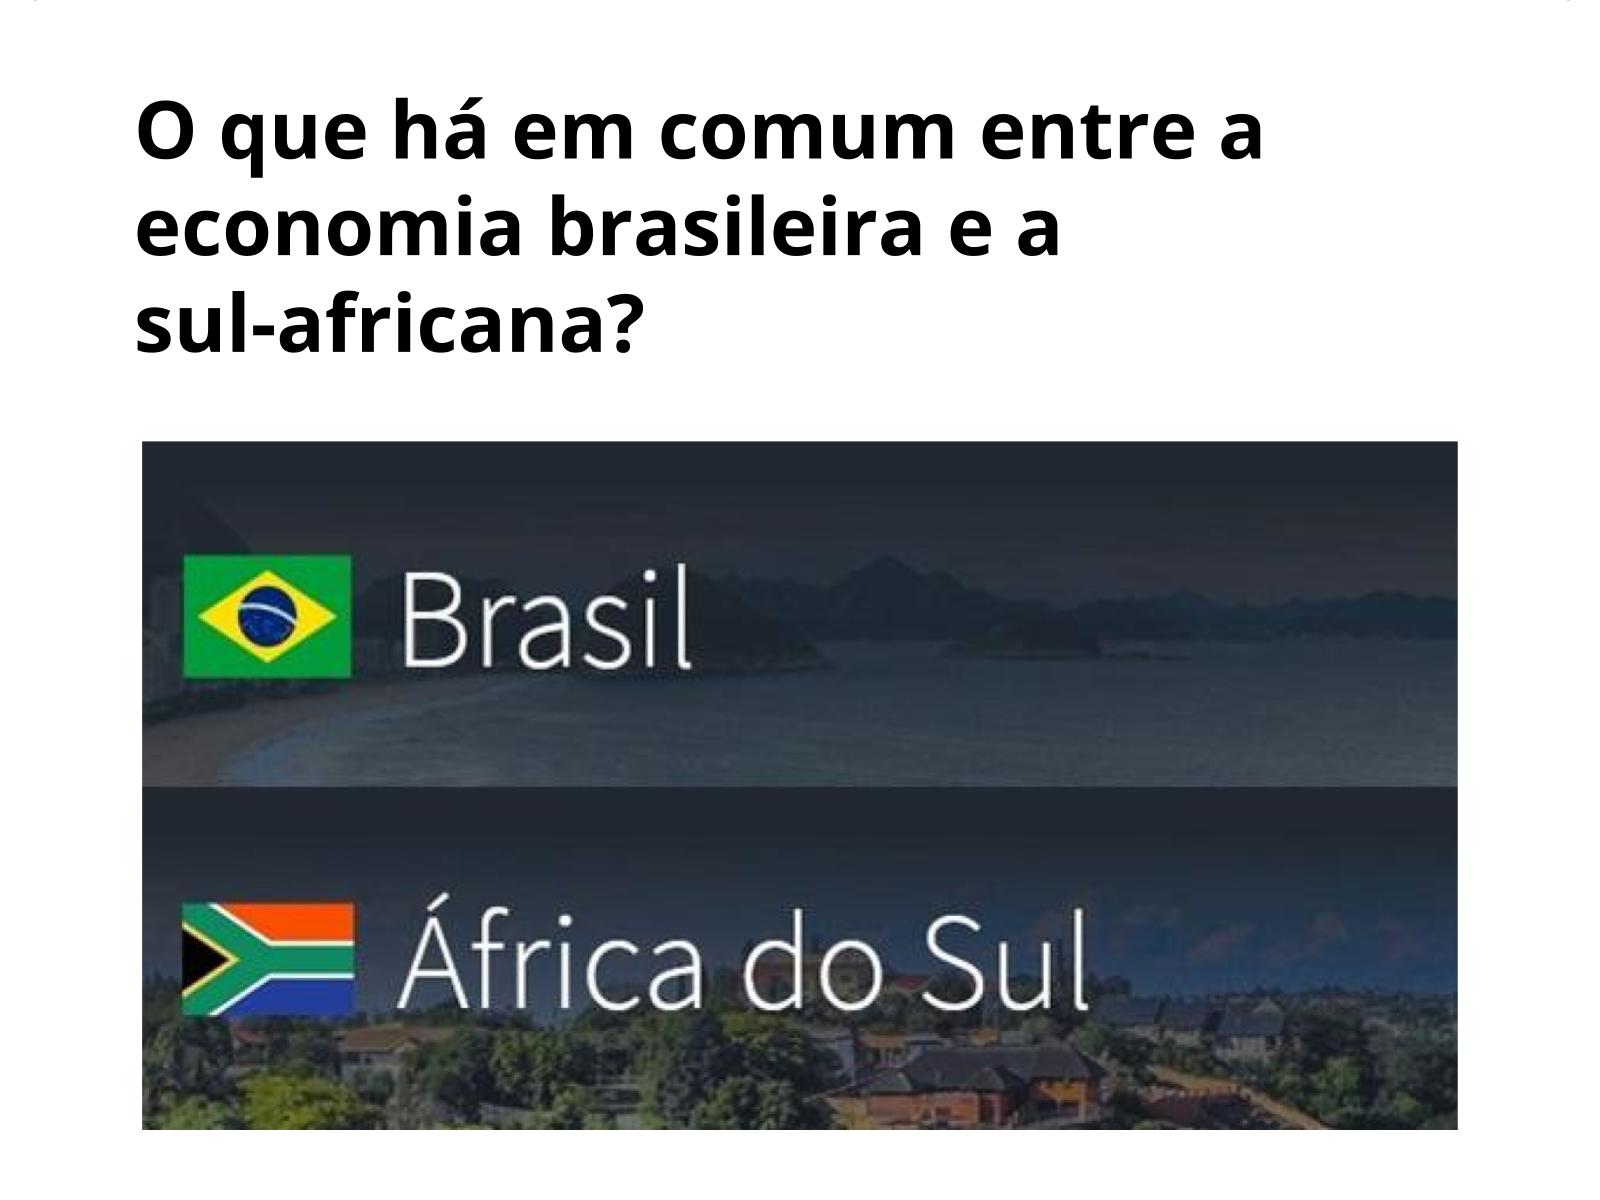 A Participação Brasileira e Sul-Africana no Comércio Mundial